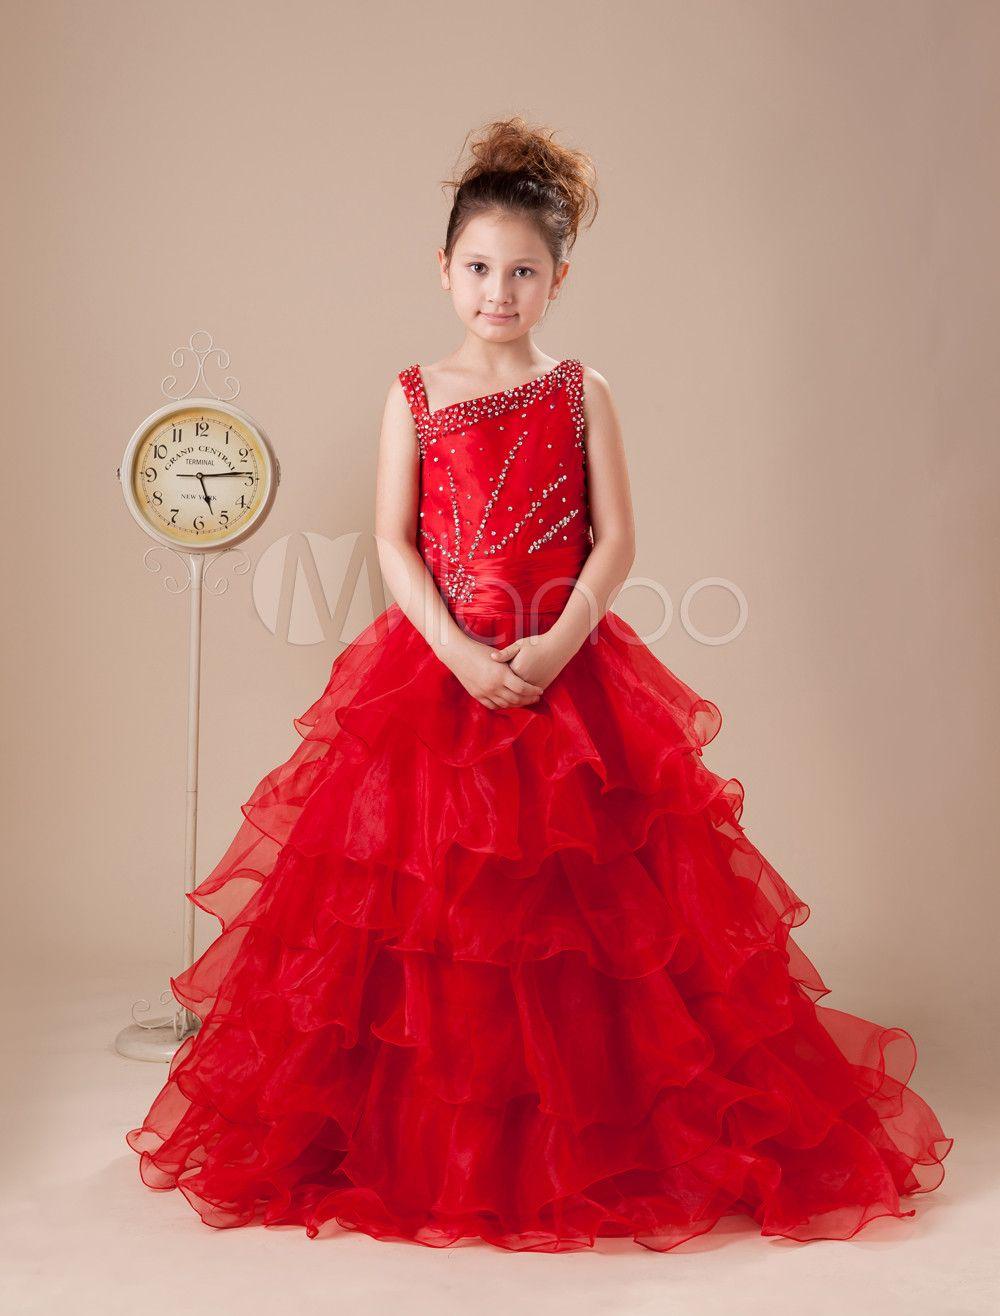 Jas..<3 | Traumkleider*.* | Pinterest | Prinzessinnenkleider ...